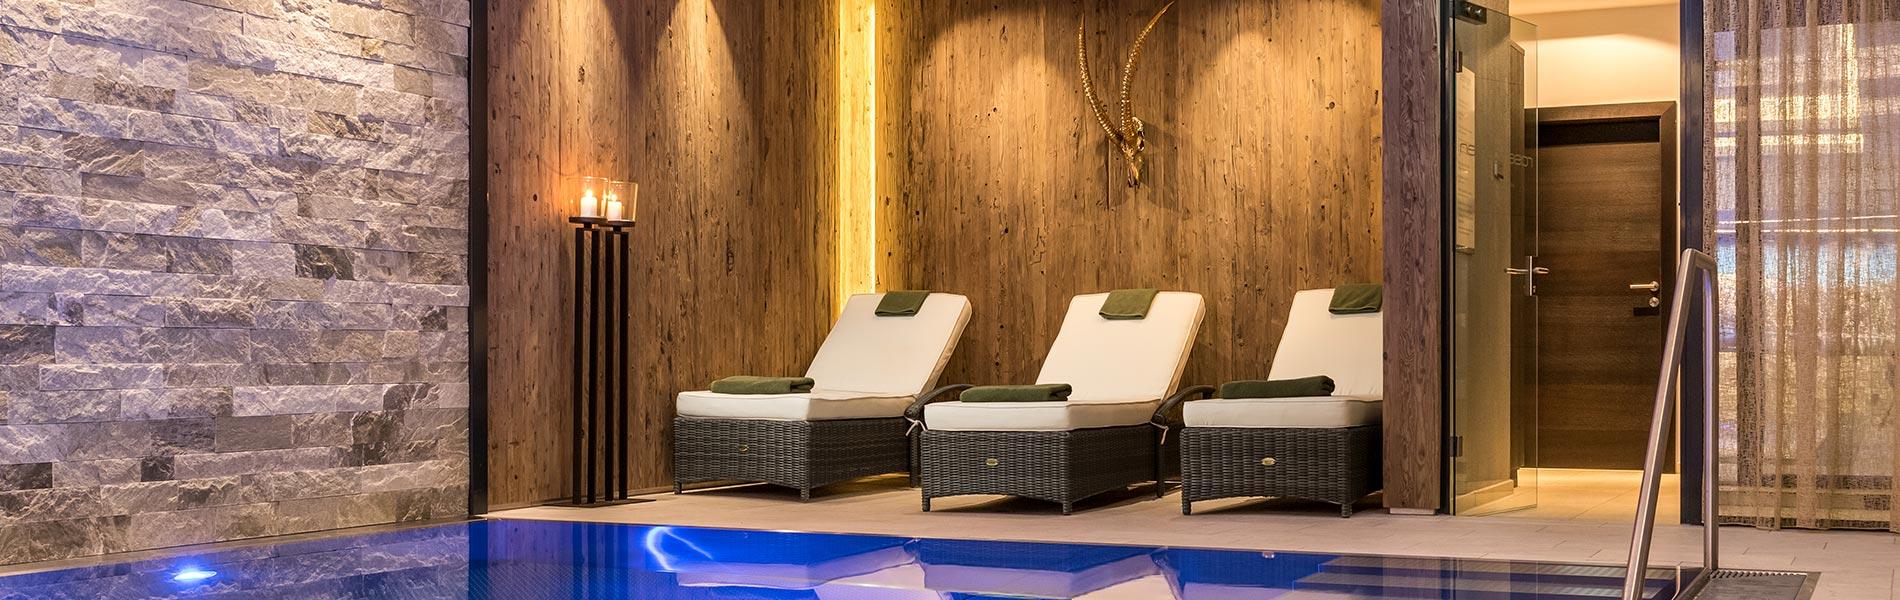 Schwimmbad Hotel Rosengarten 5 Sterne Hotel Relais & Châteaux Hotel Kirchberg Tirol Austria